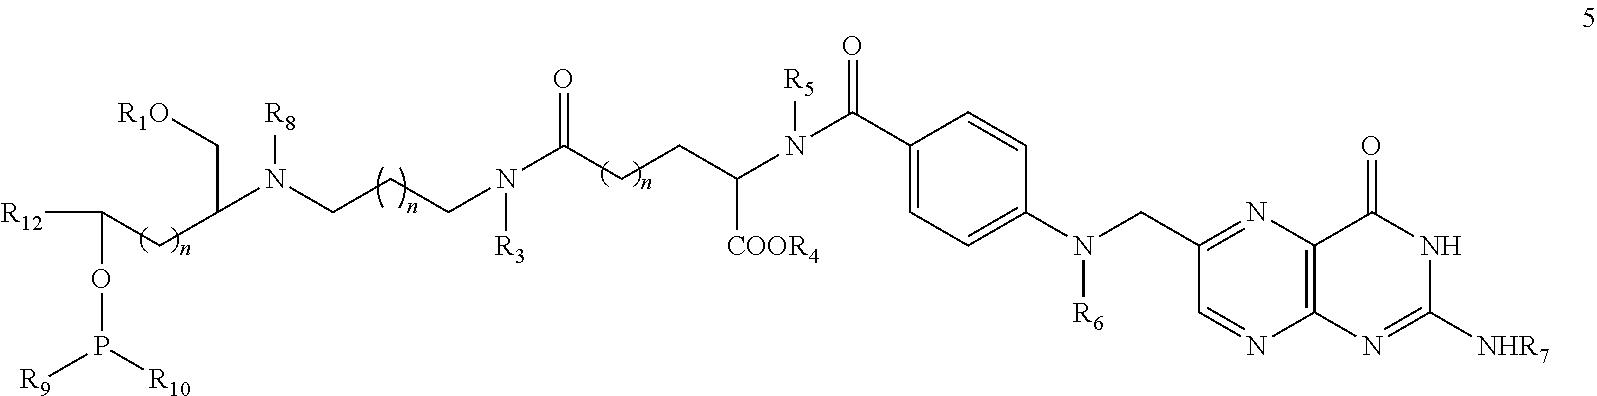 Figure US09732344-20170815-C00012